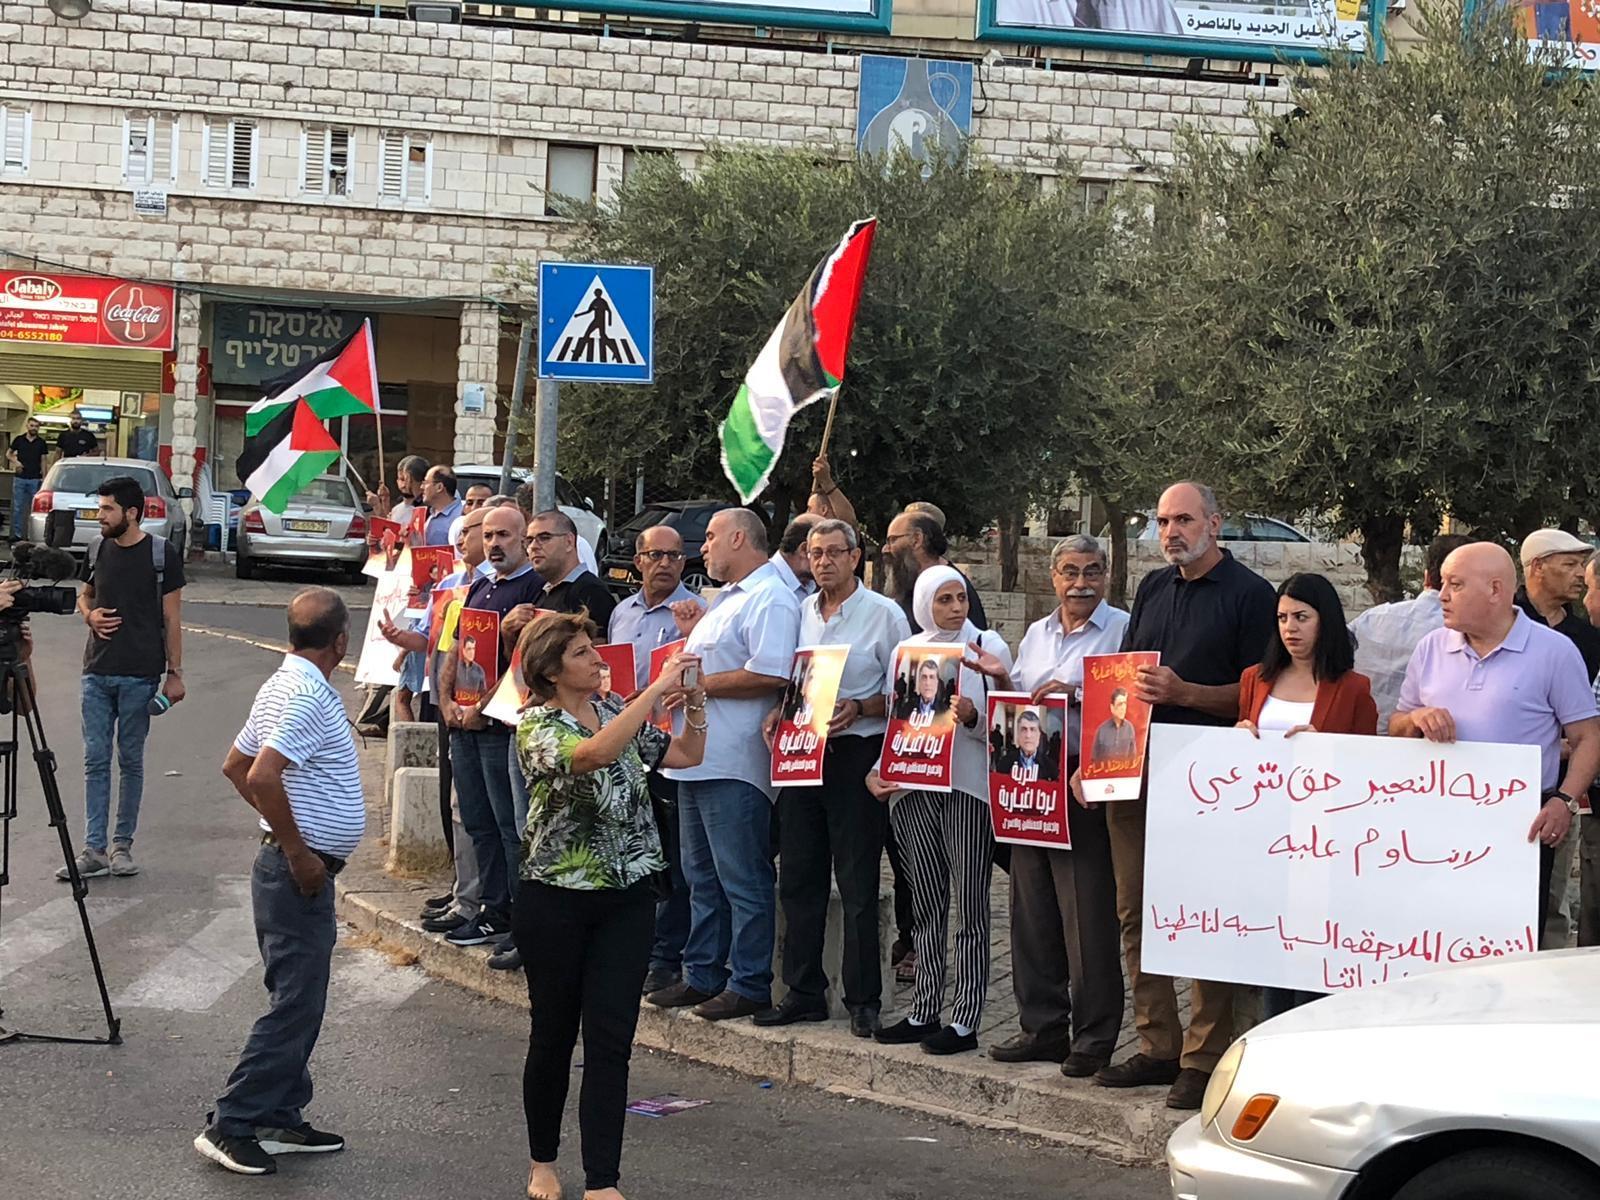 فعاليات تضامنية بأم الفحم والناصرة مع رجا إغبارية